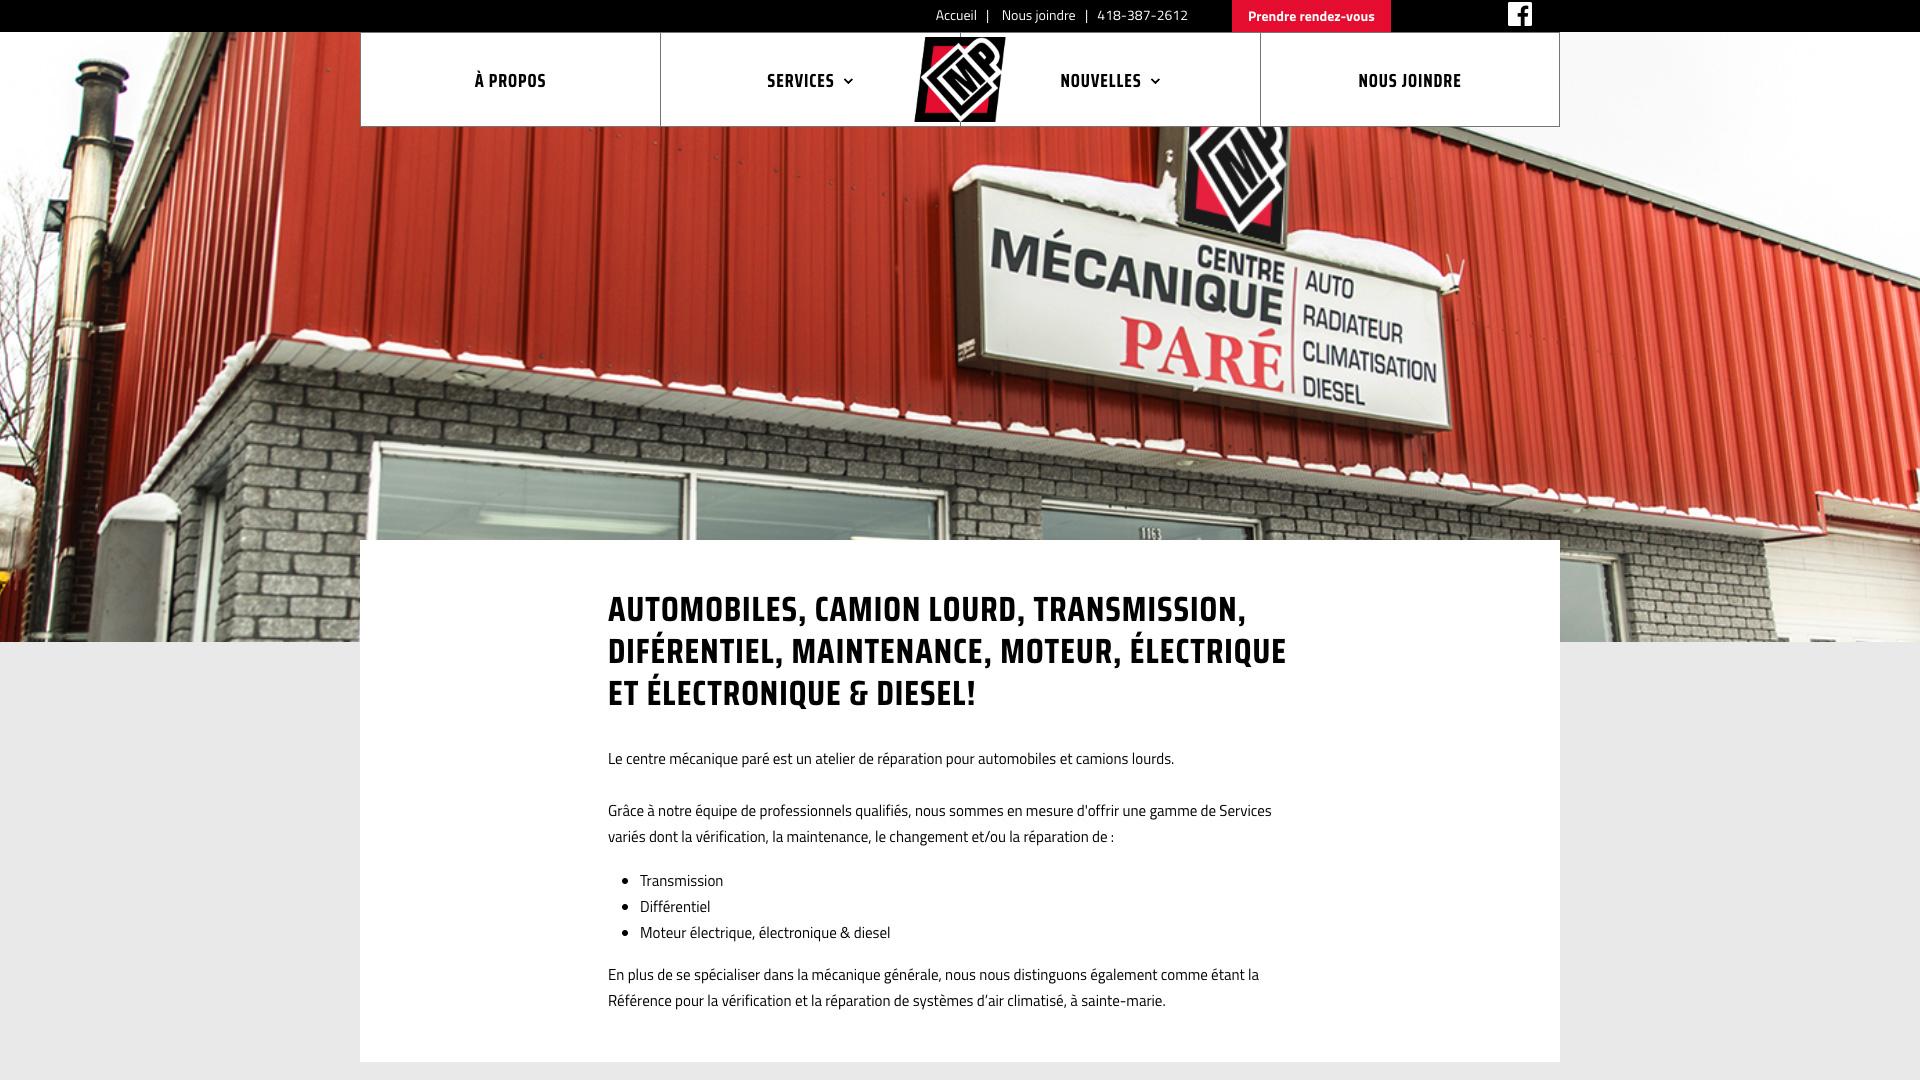 Centre Mécanique Paré